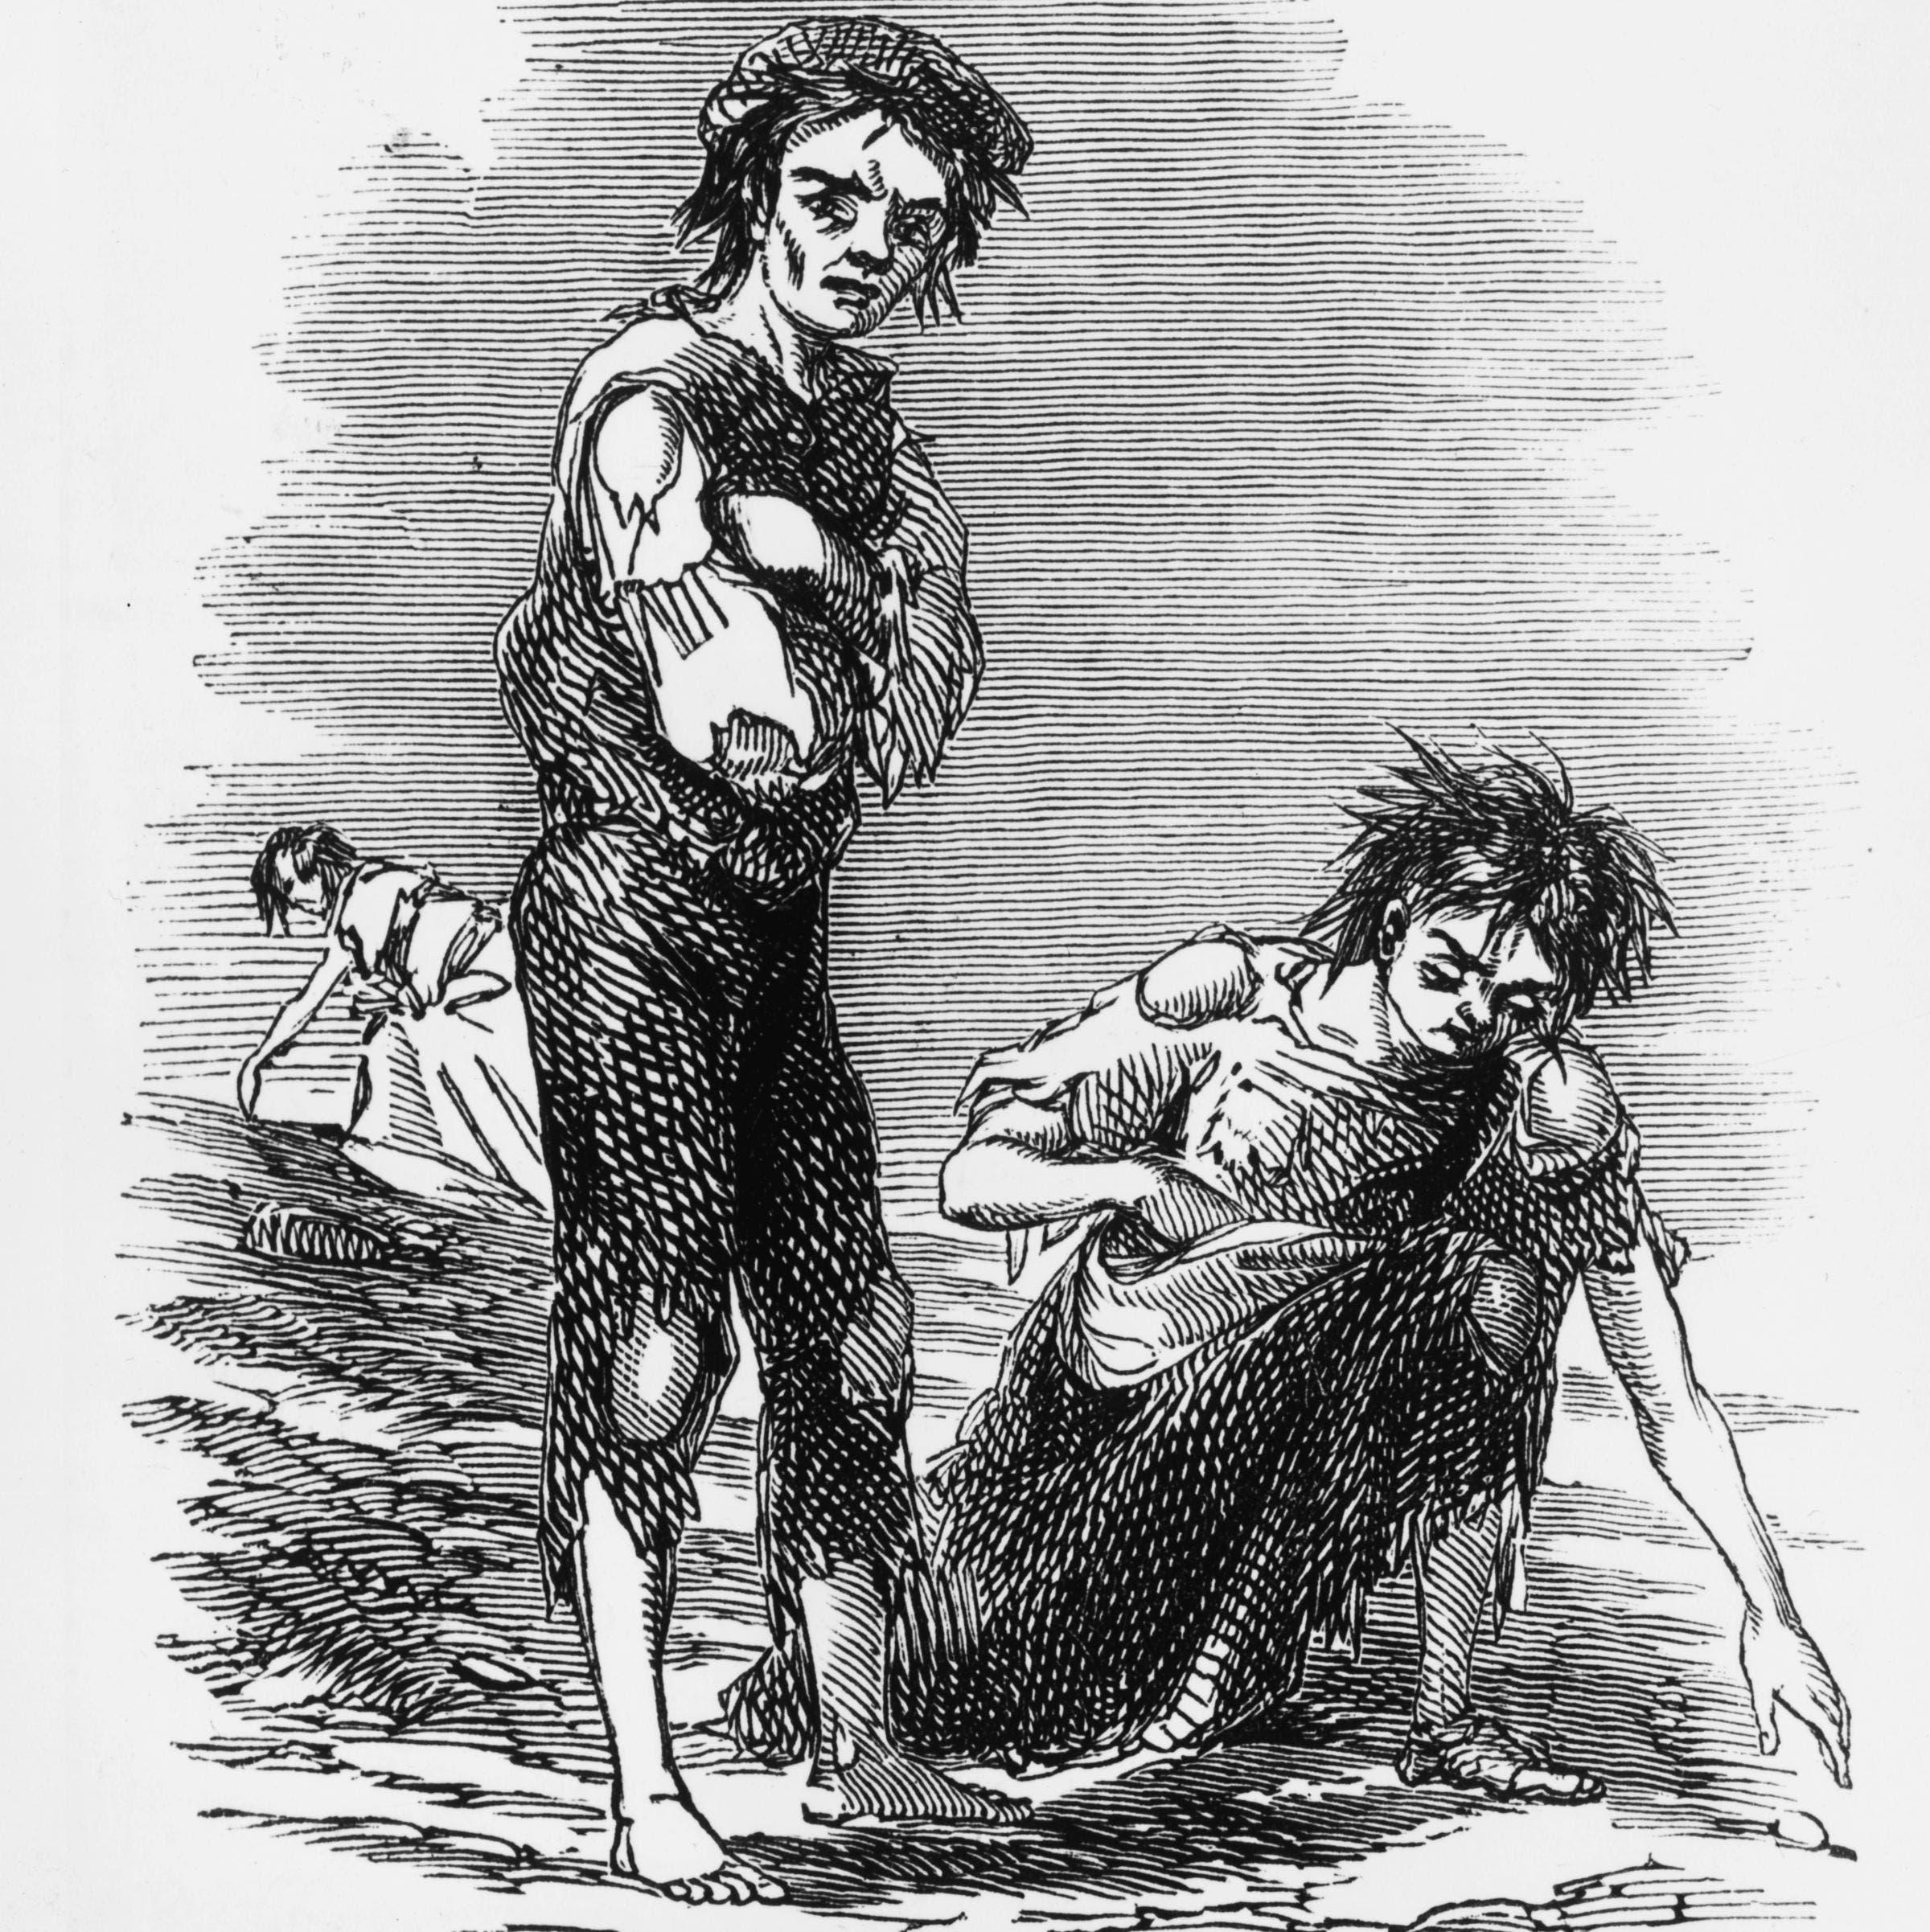 رسم تخيلي يجسد الحالة المزرية للأيرلنديين خلال فترة مجاعة البطاطس